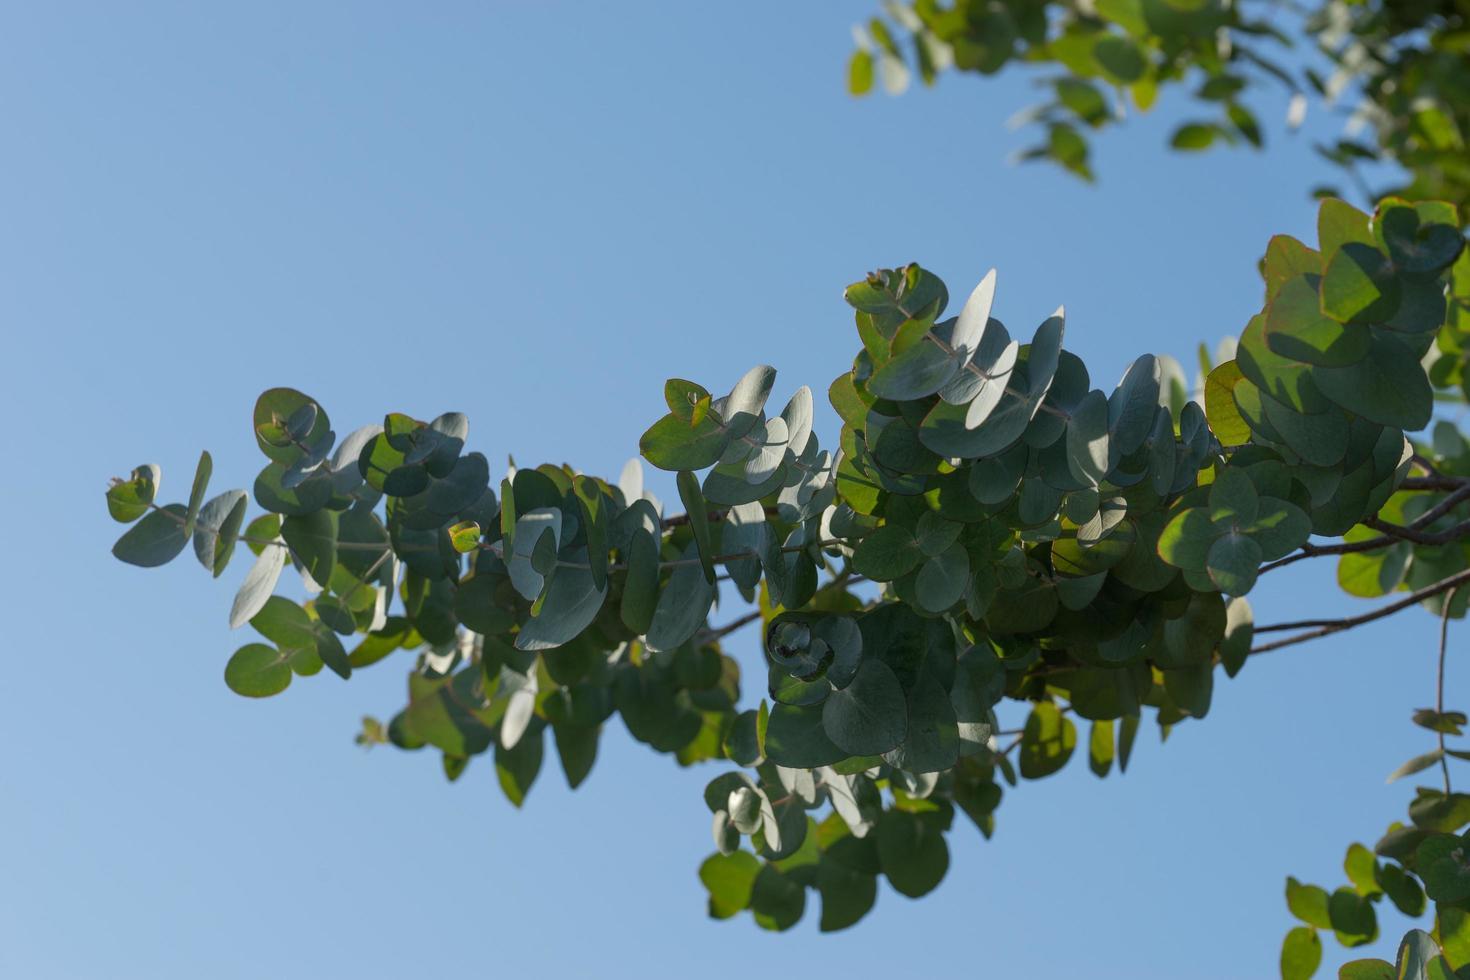 une branche d'eucalyptus aux feuilles argentées photo